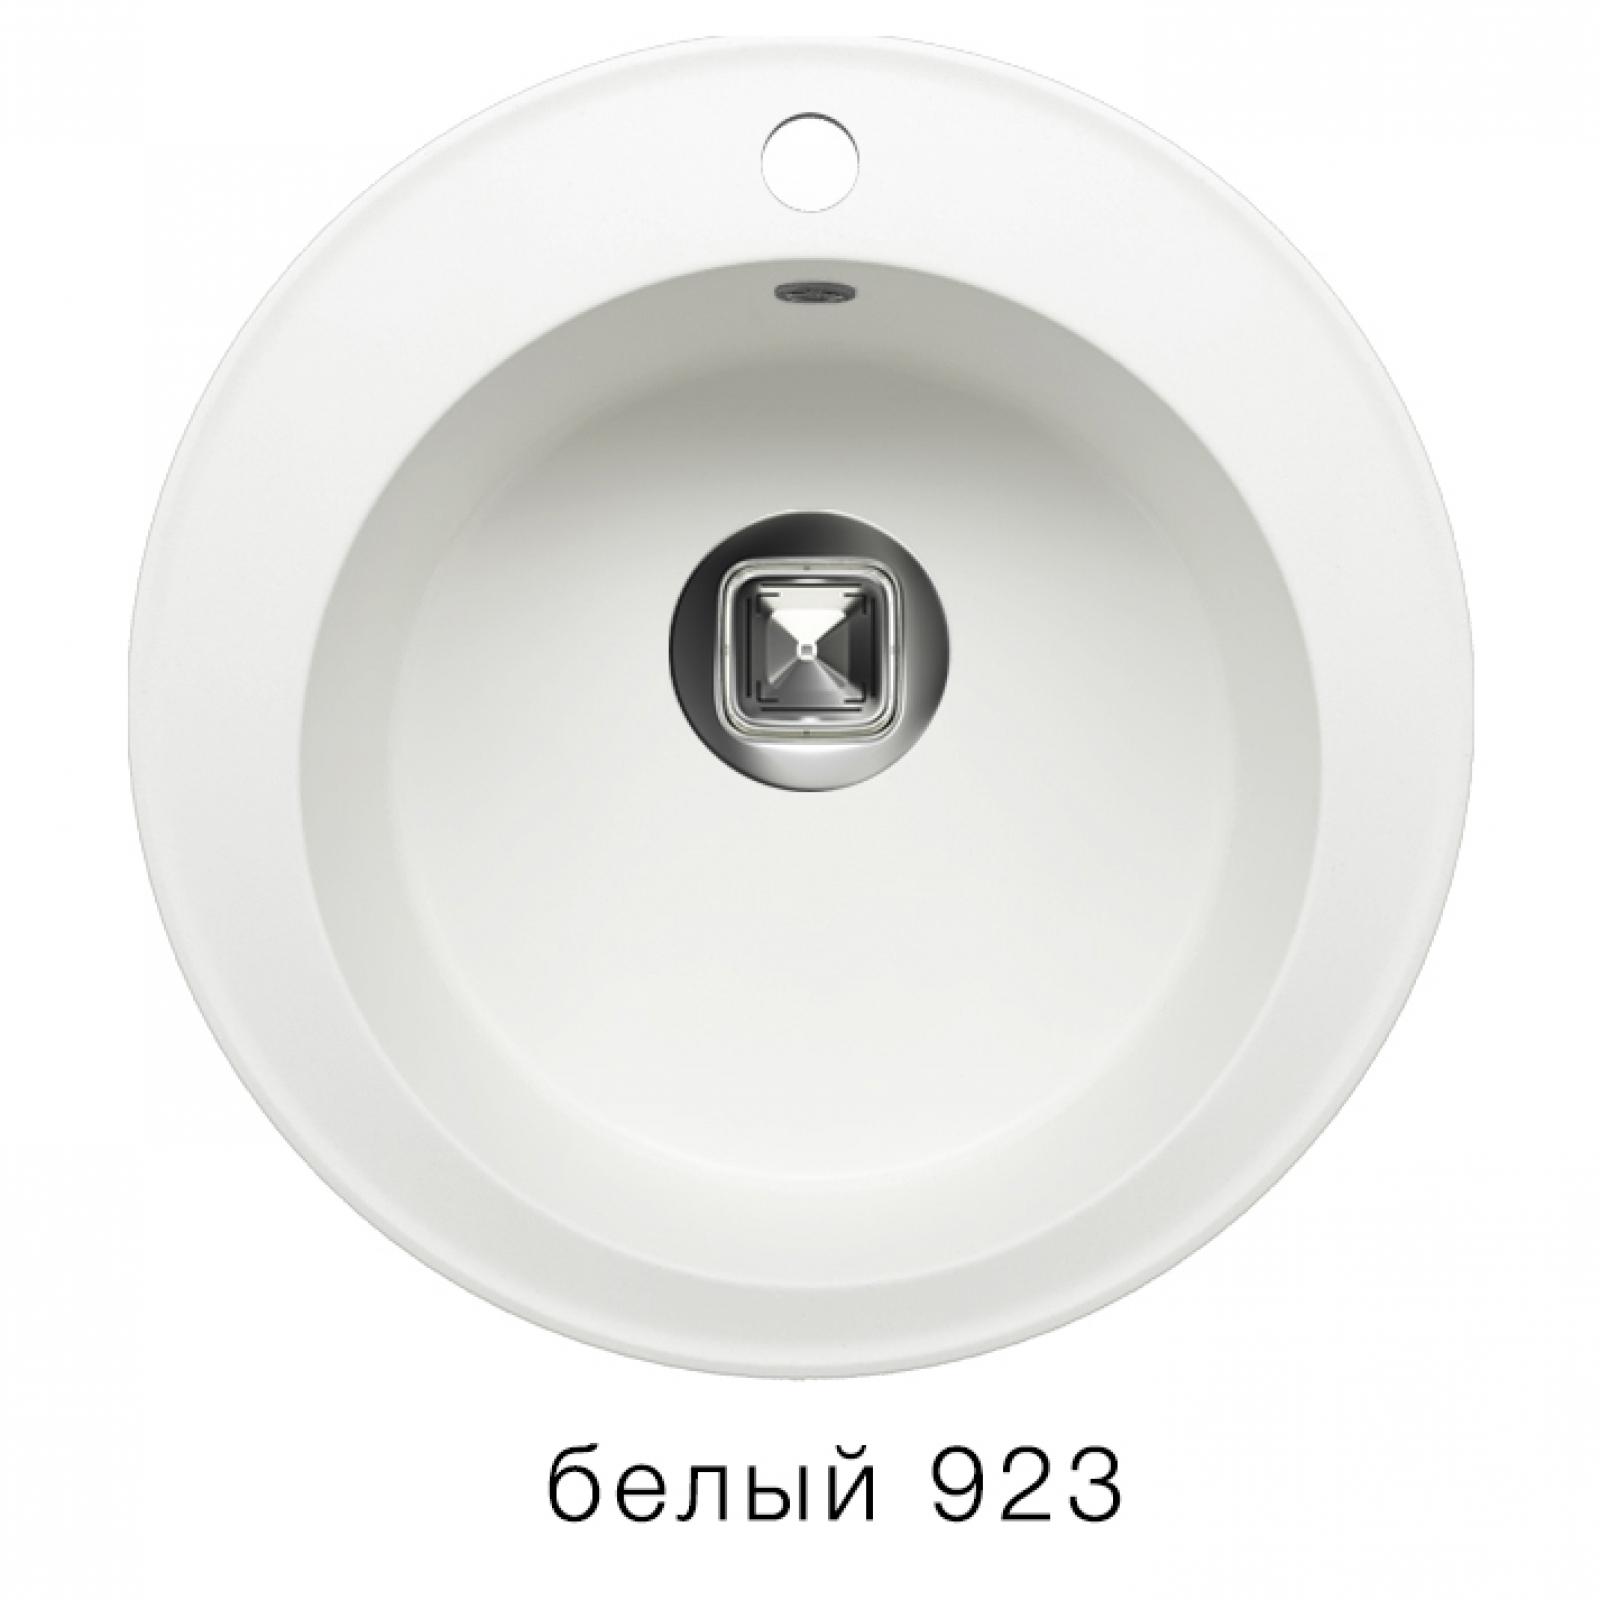 Мойка Tolero-R-108-923, цвет - Белый